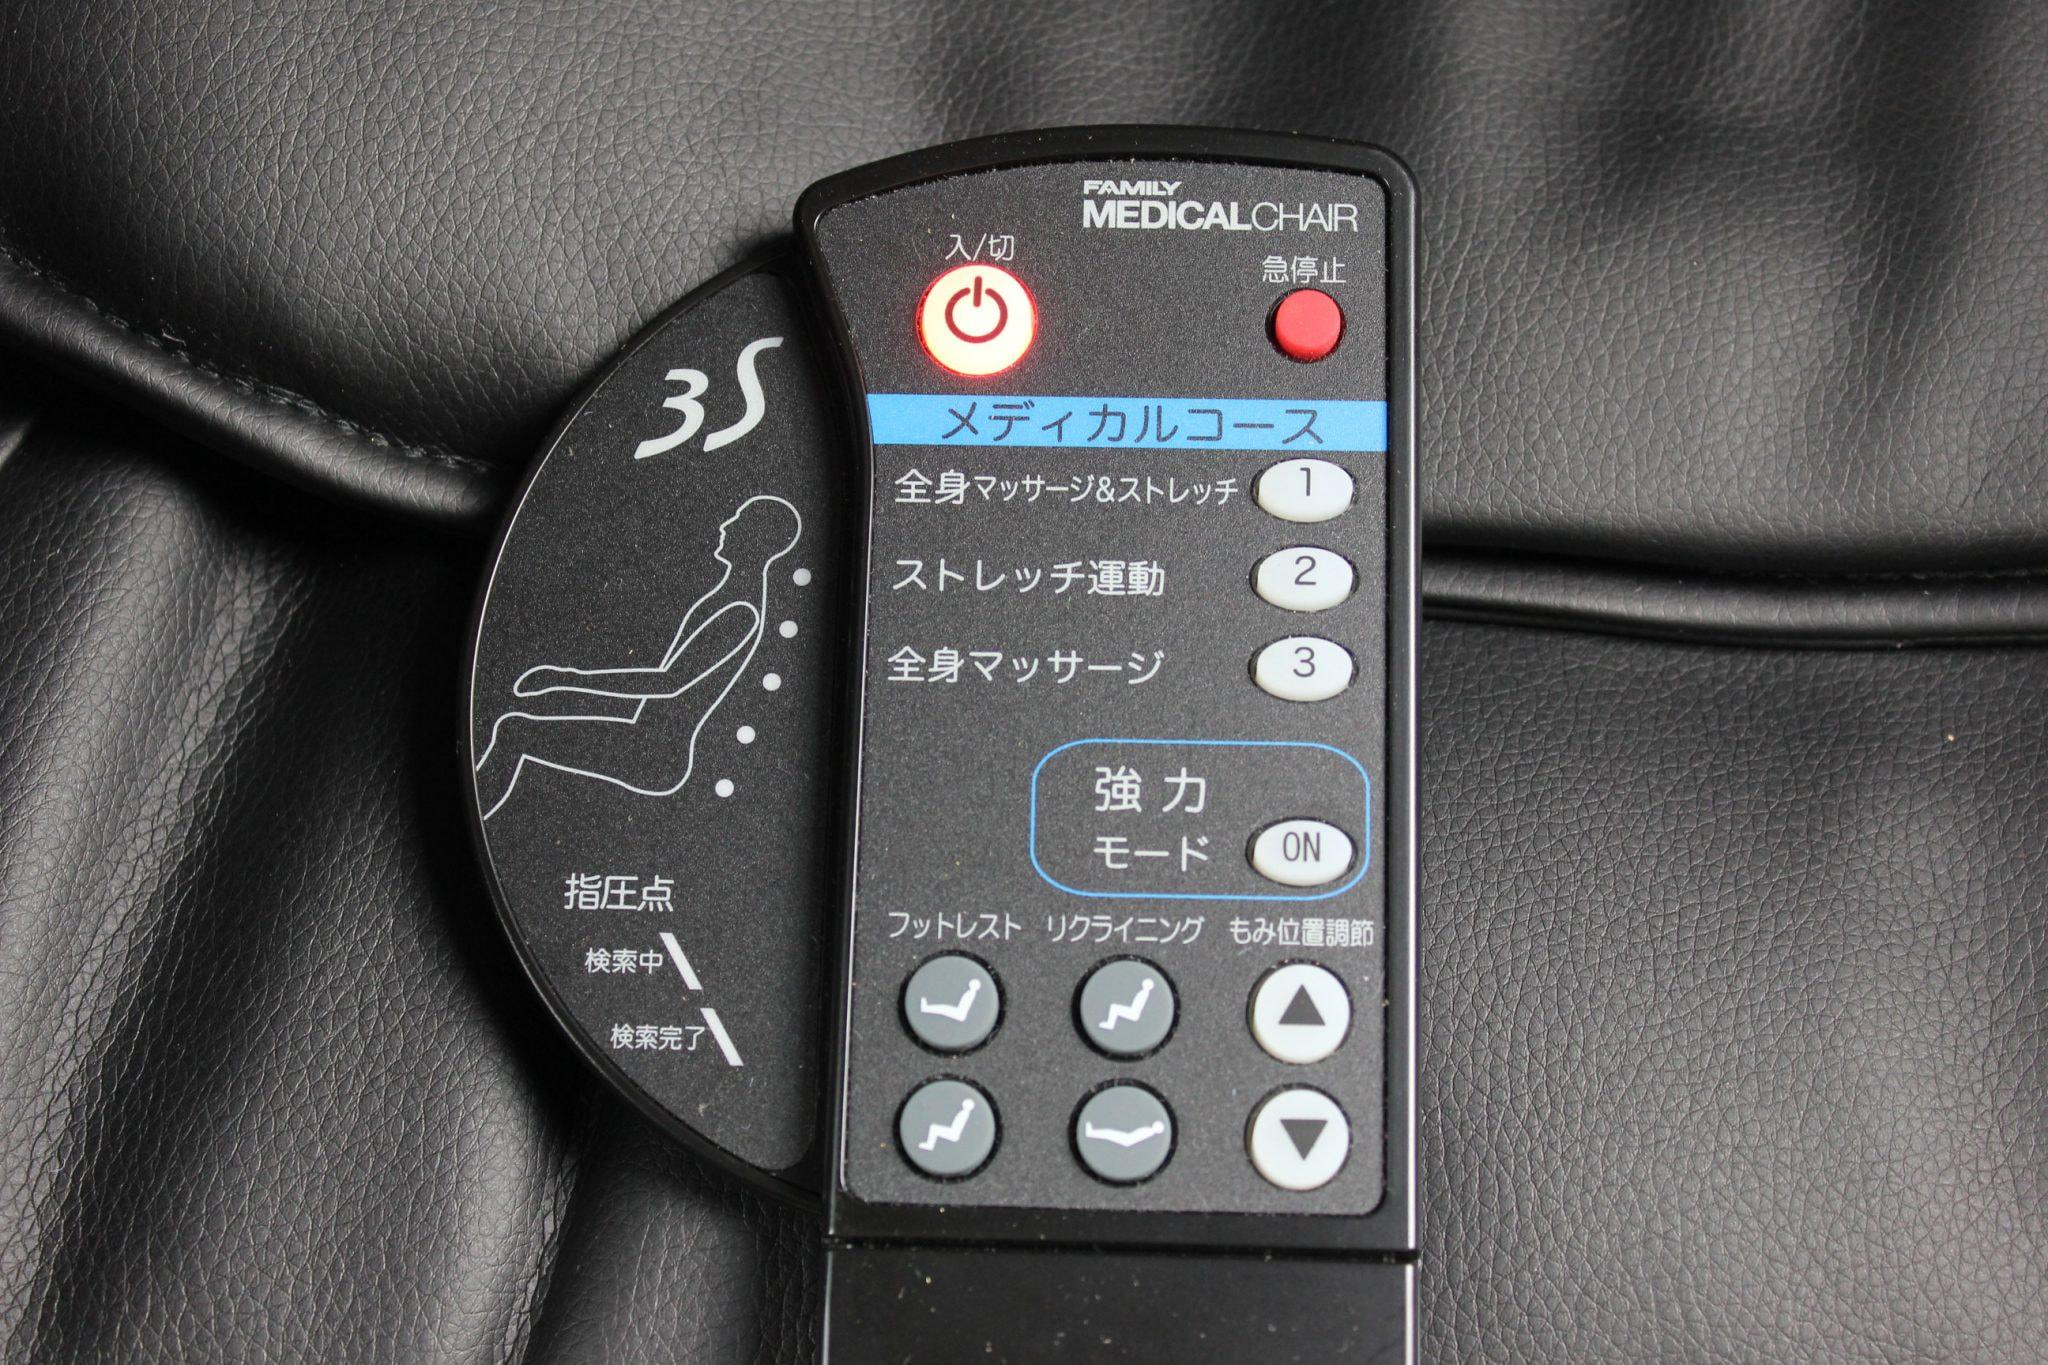 FMC-S330_リモコン